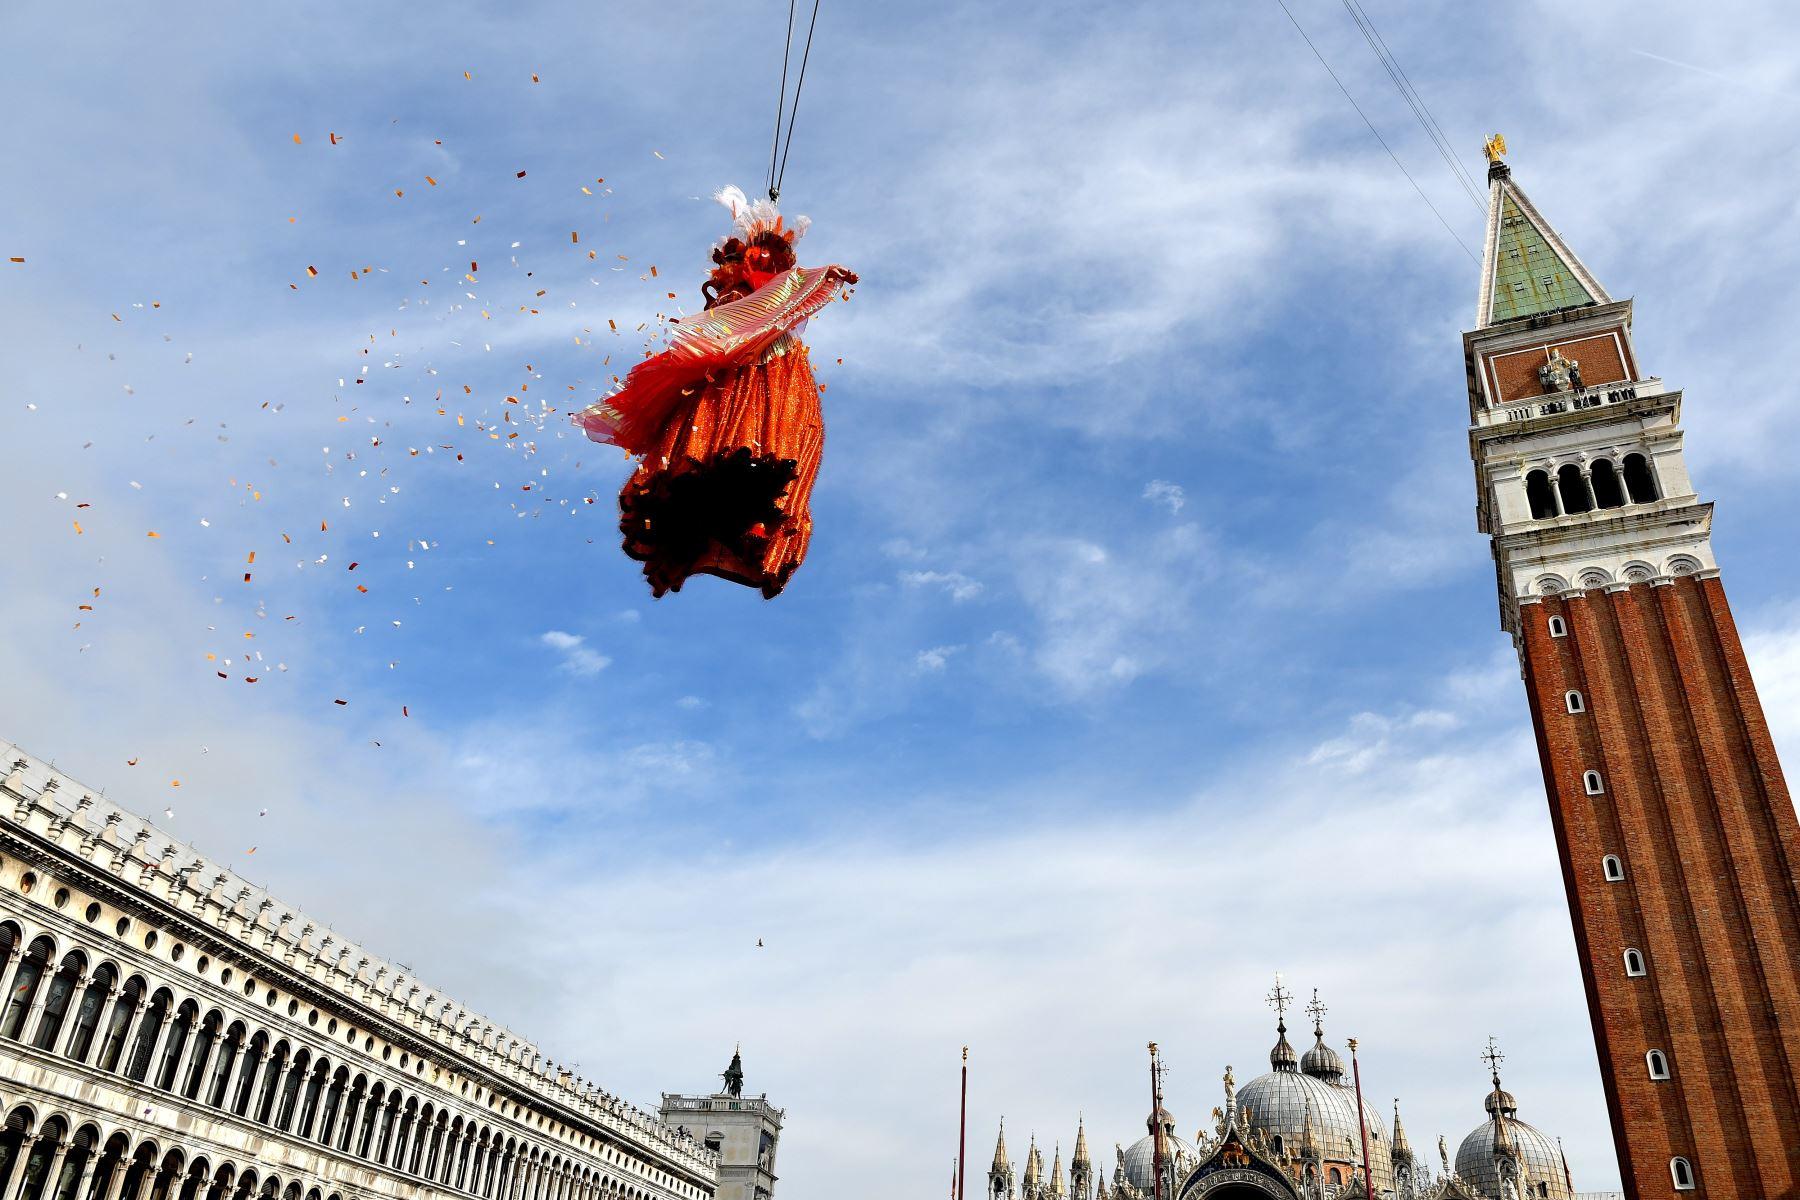 Linda Pani interpretó al ángel del Carnaval de Venecia y el tradicional vuelo desde el campanario de la plaza San Marcos cautivó a los miles de asistentes. Foto: AFP